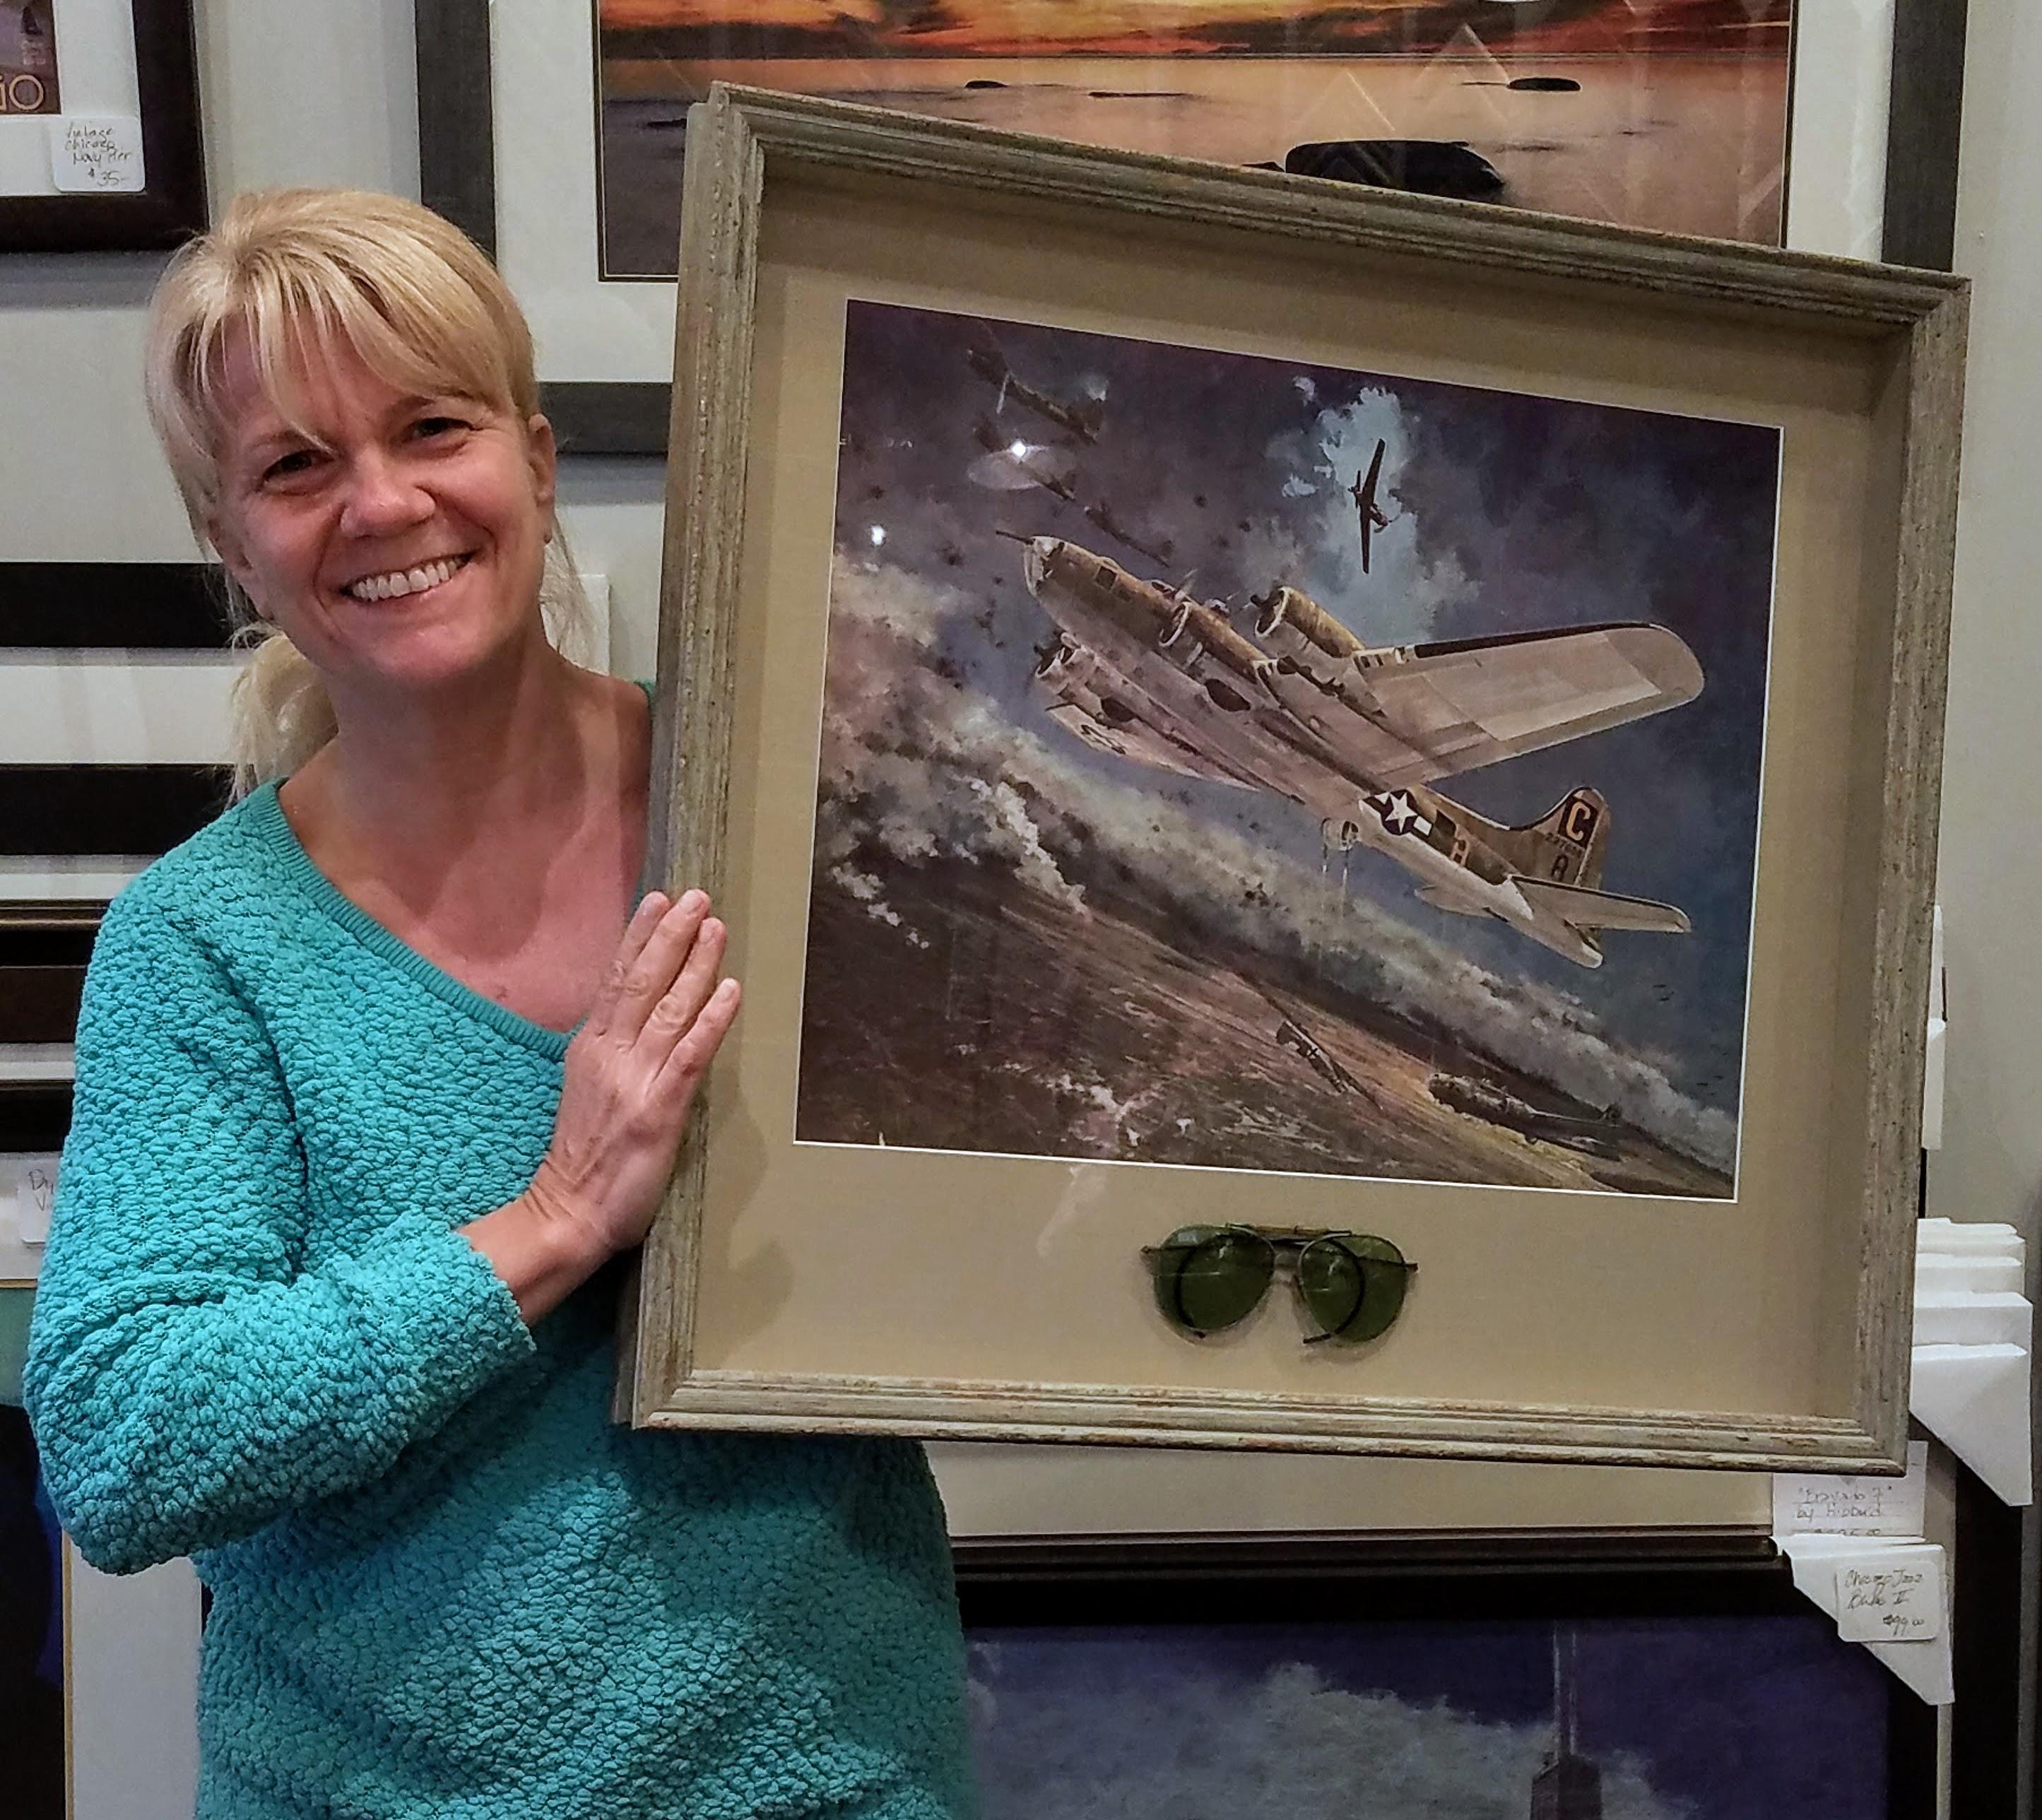 Roseann holding her custom framed art